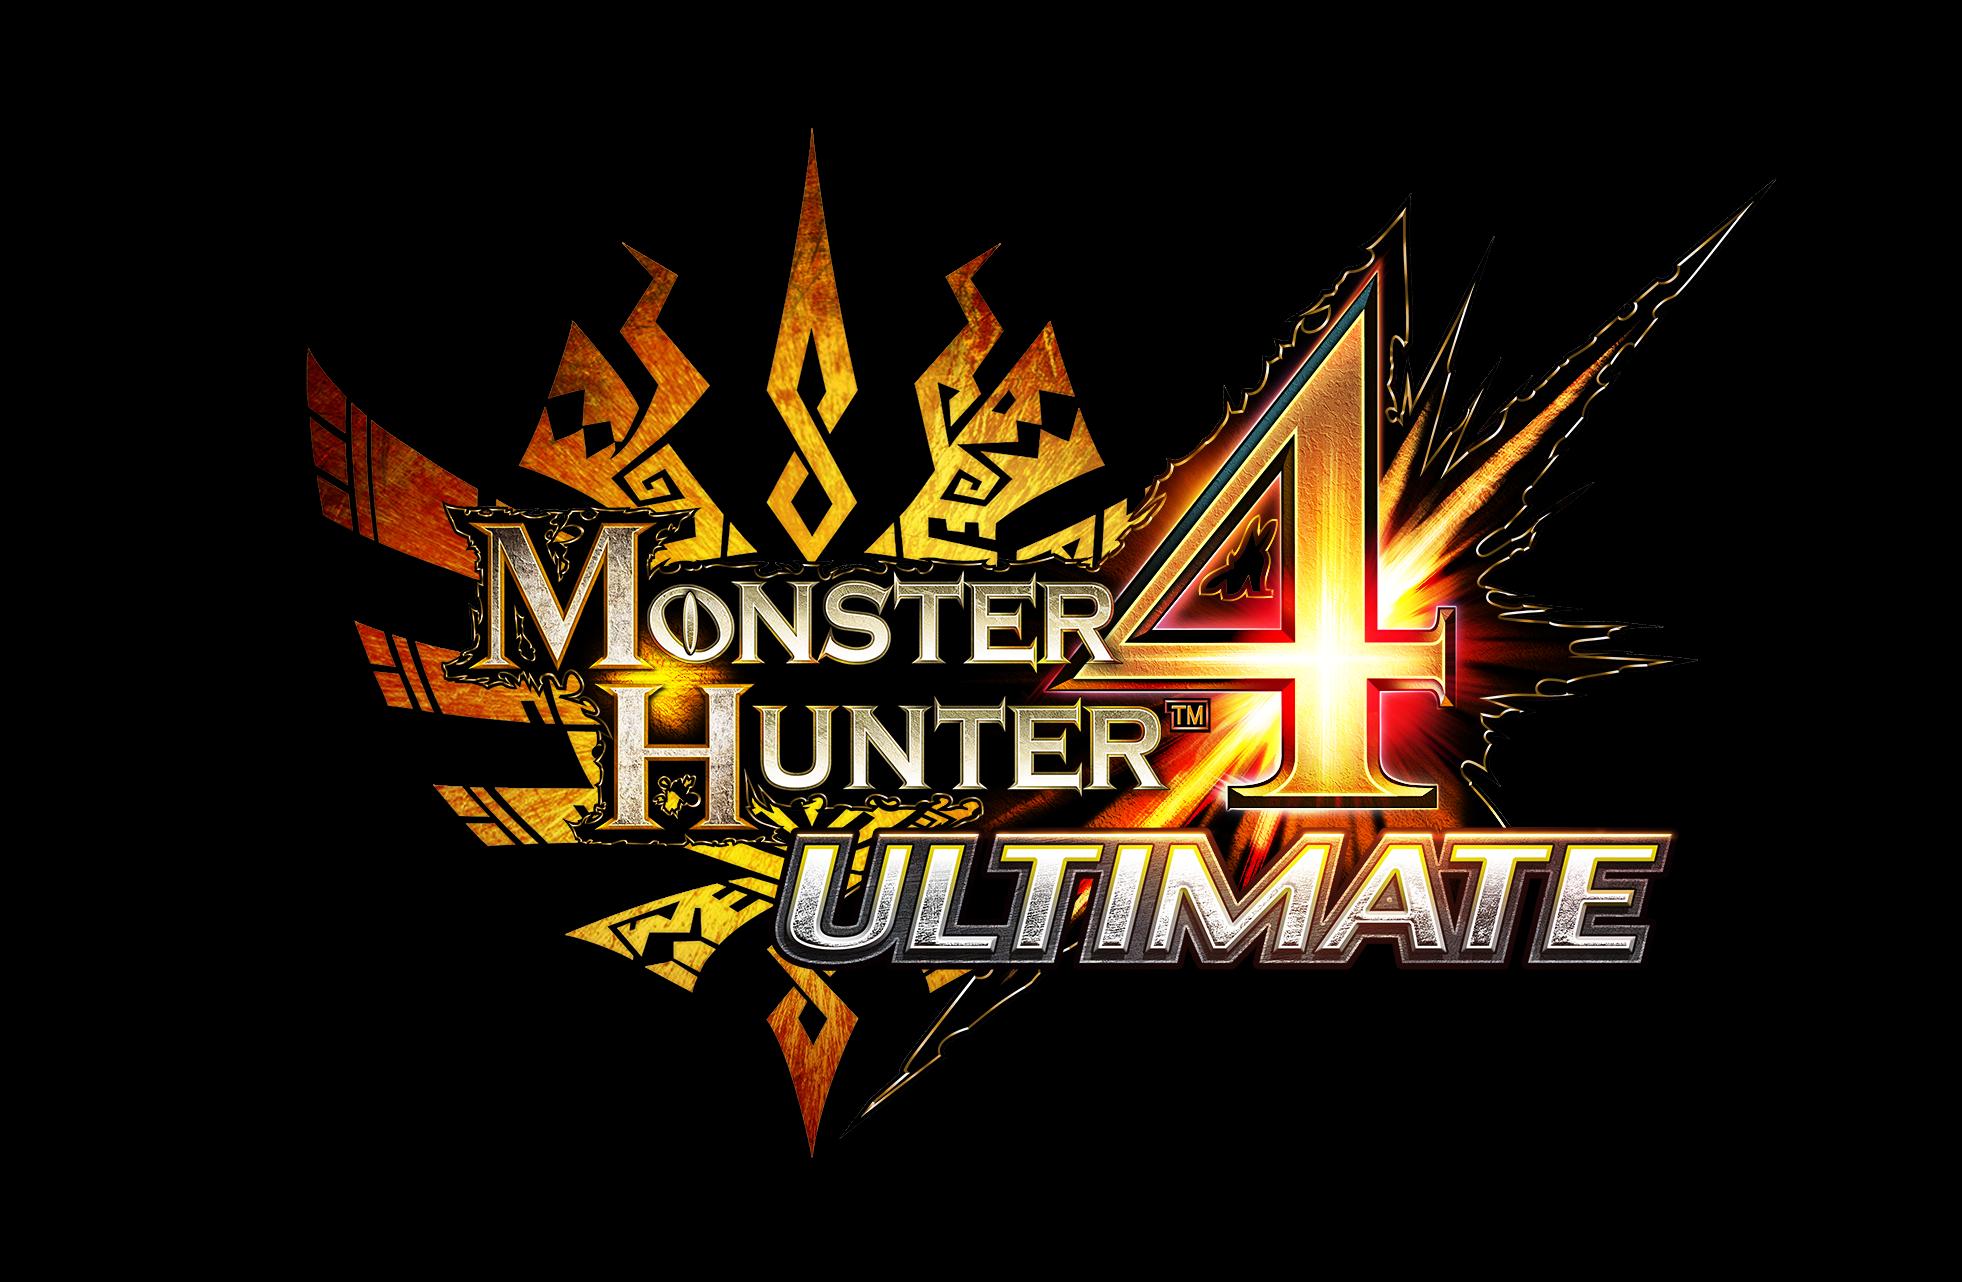 monsterhunter4